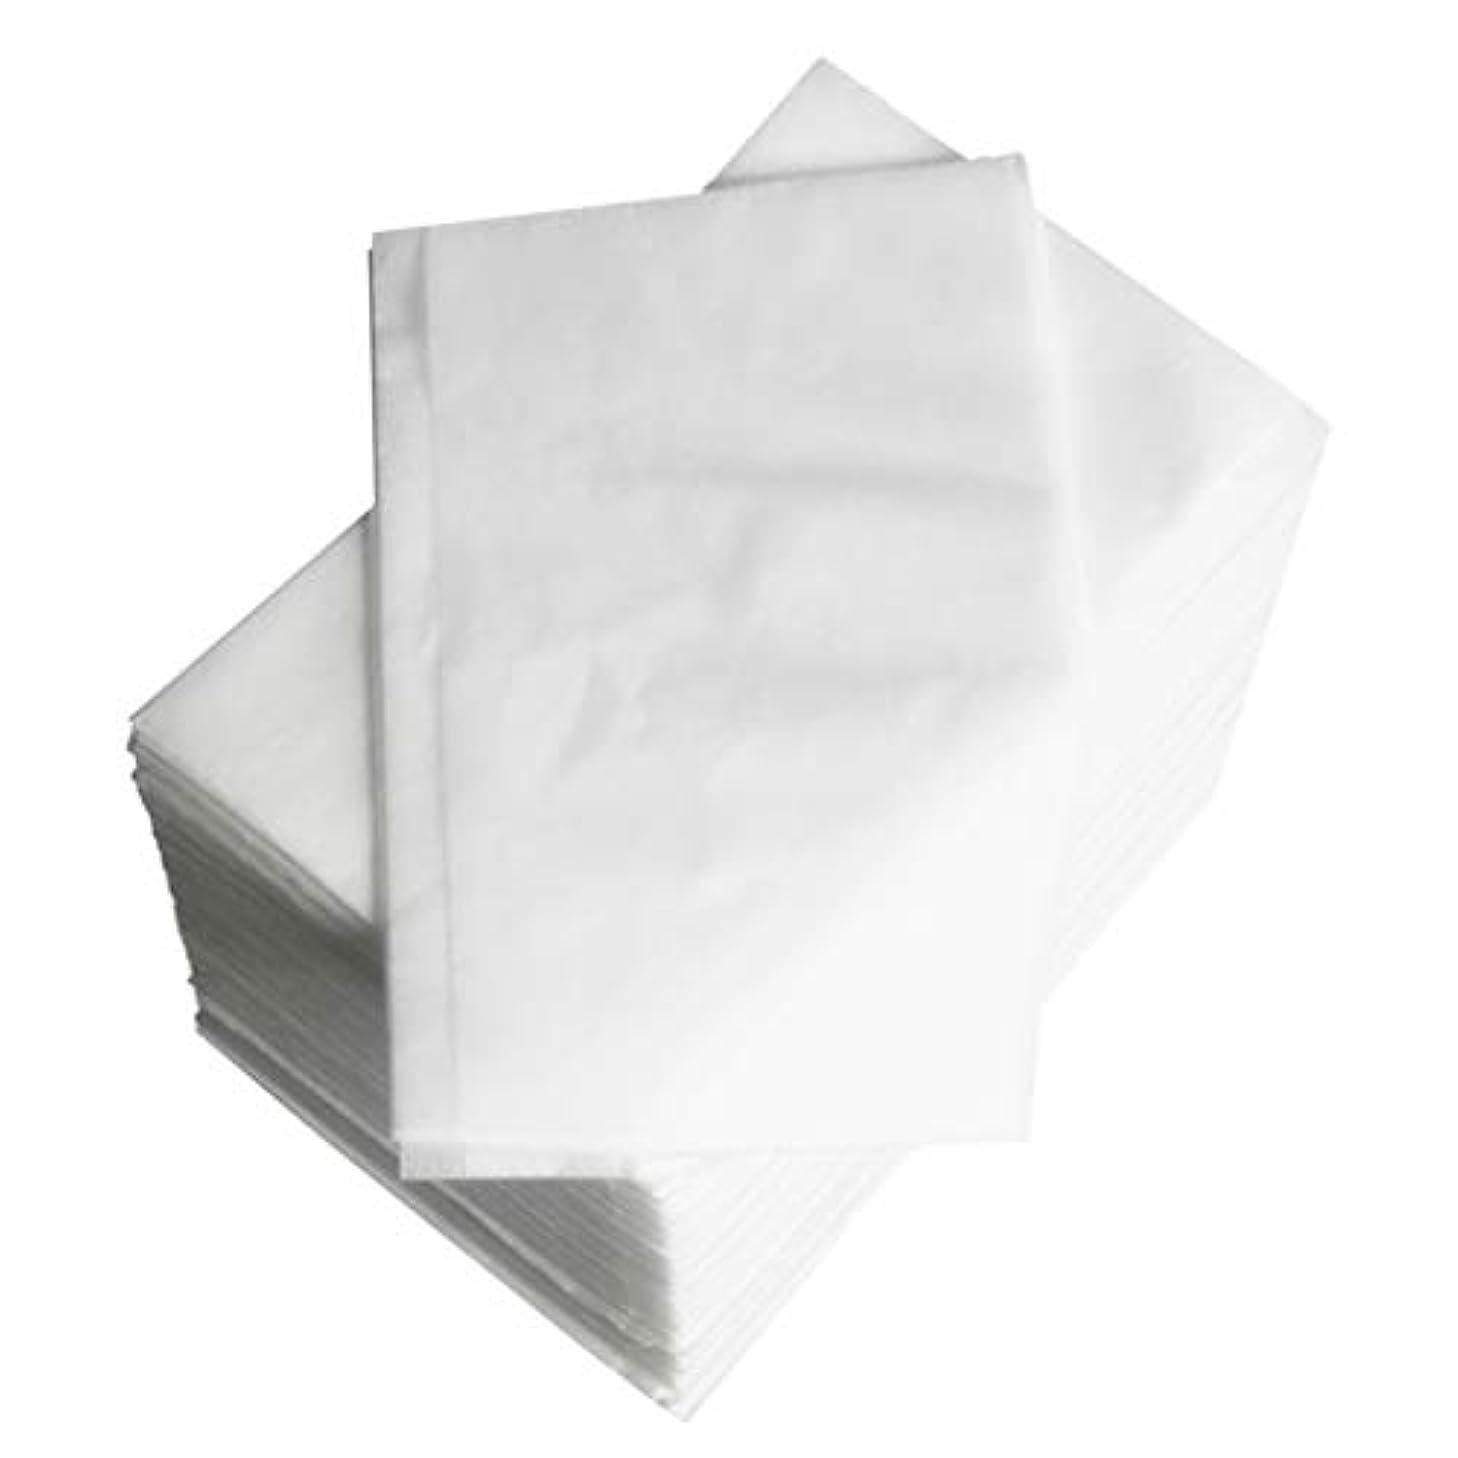 ペニー再生否認するマッサージ テーブルカバー使い捨て 約100個入り 全2カラー - 白